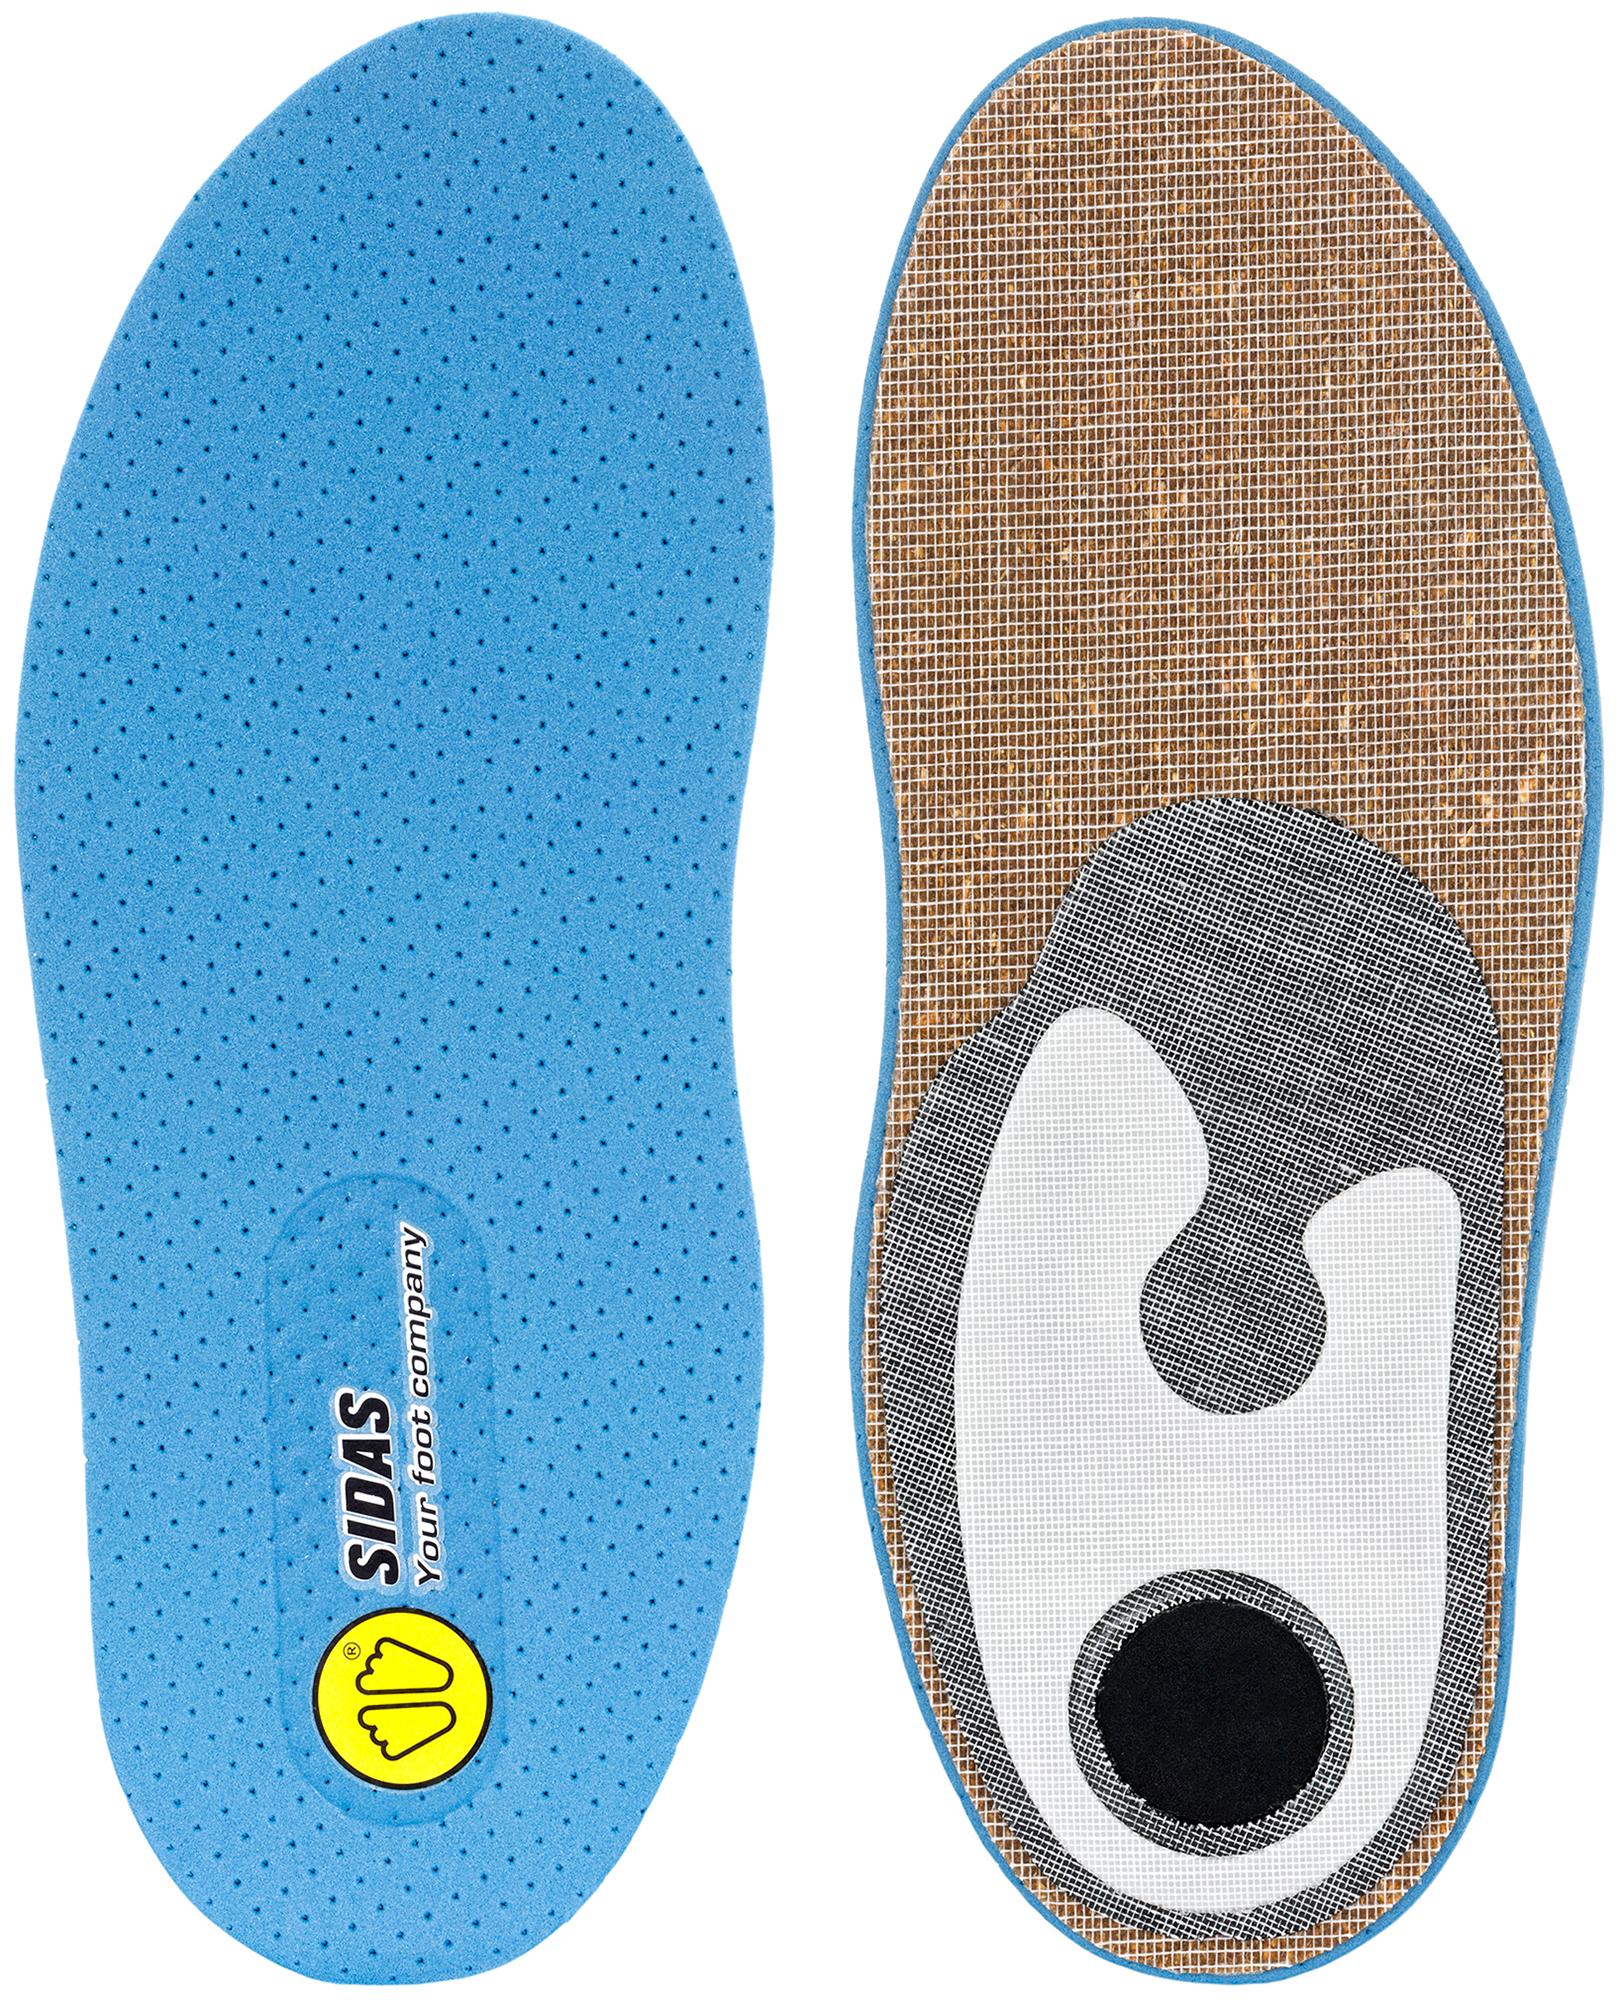 Sidas Стельки Sidas Custom Multi, размер 44-45 sidas custom ski prem l